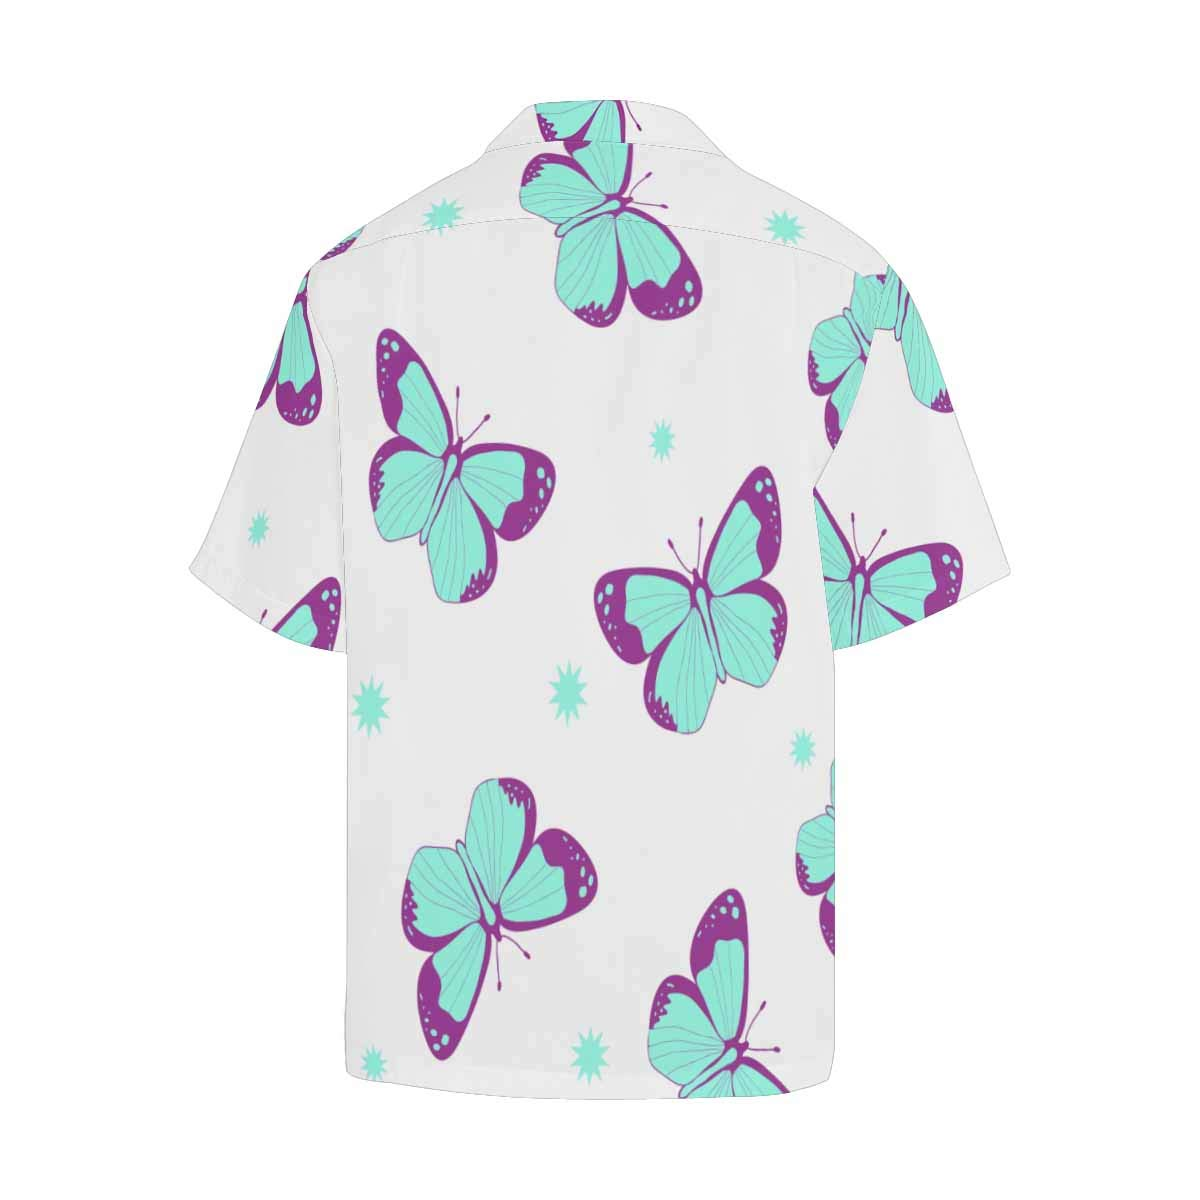 InterestPrint Mens Loose Summer Butterflies Pattern Short Sleeve Button Front Summer Printed Shirt for Men